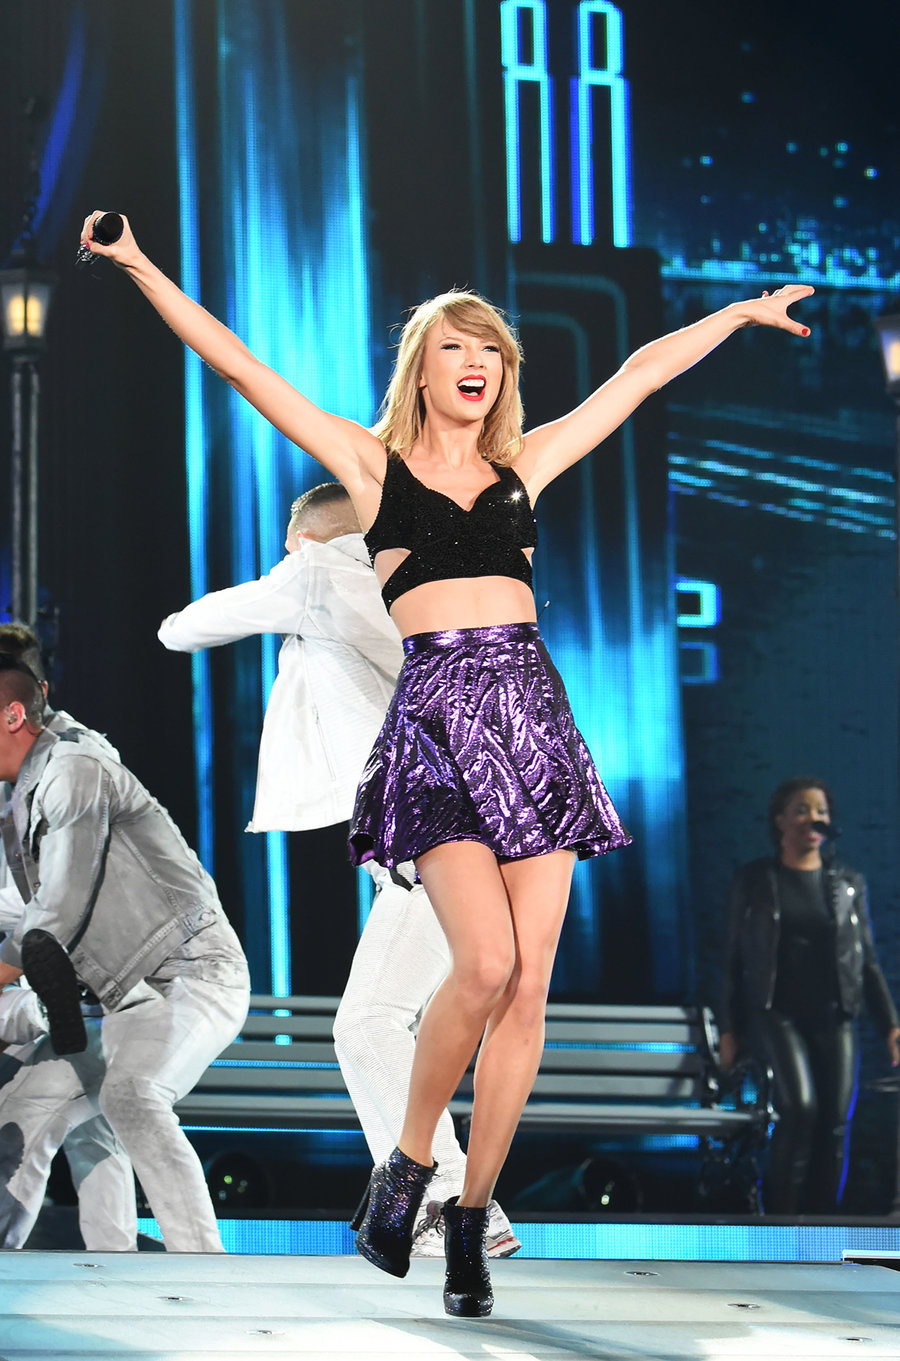 Tuổi chưa quá 30, Rihanna và Taylor Swift đã có nhiều hit lọt Top 10 Billboard hơn loạt đàn chị - Ảnh 11.